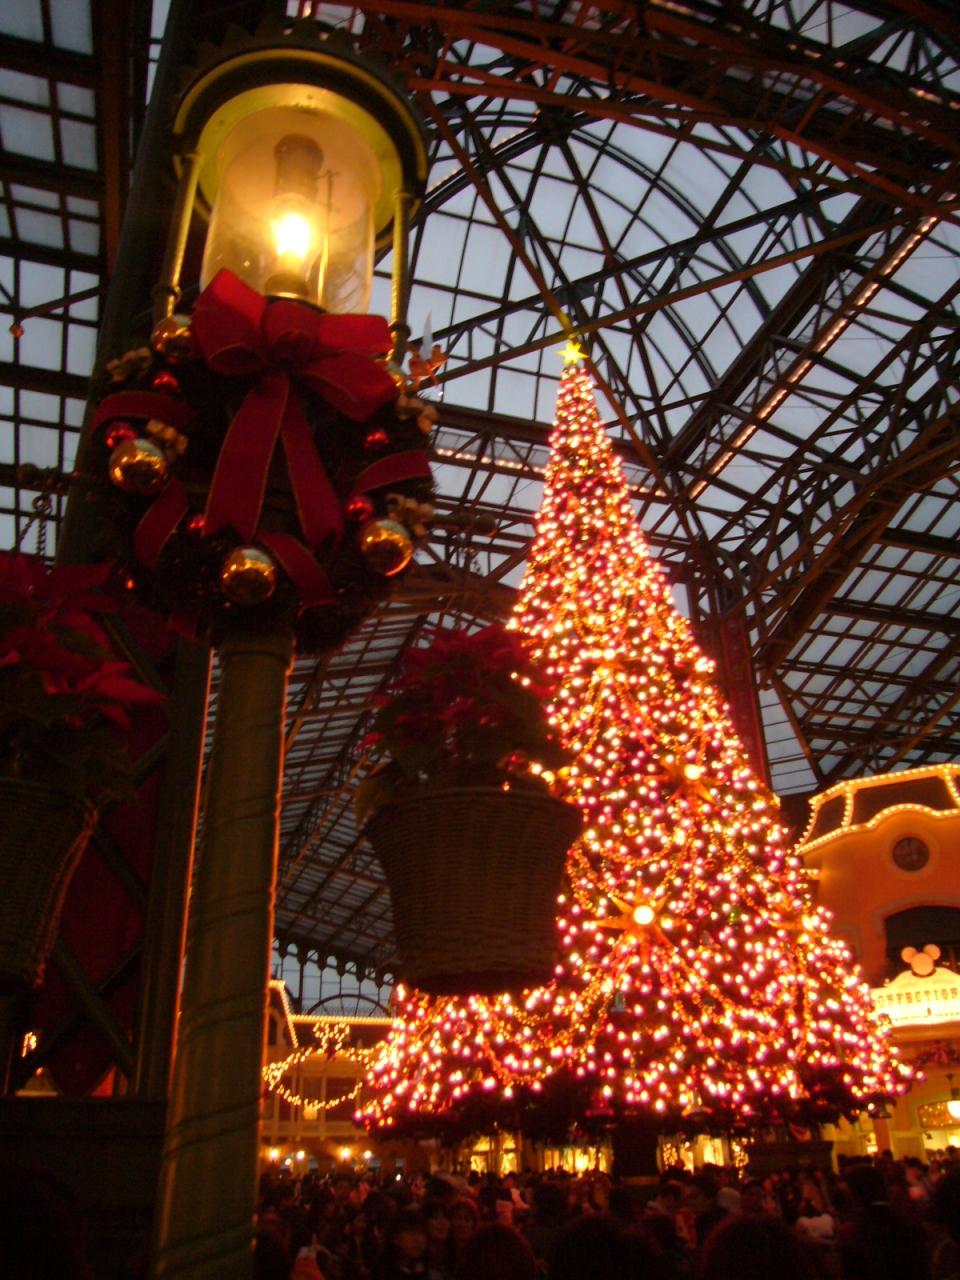 2007☆ディズニー・クリスマス☆』東京ディズニーリゾート(千葉県)の